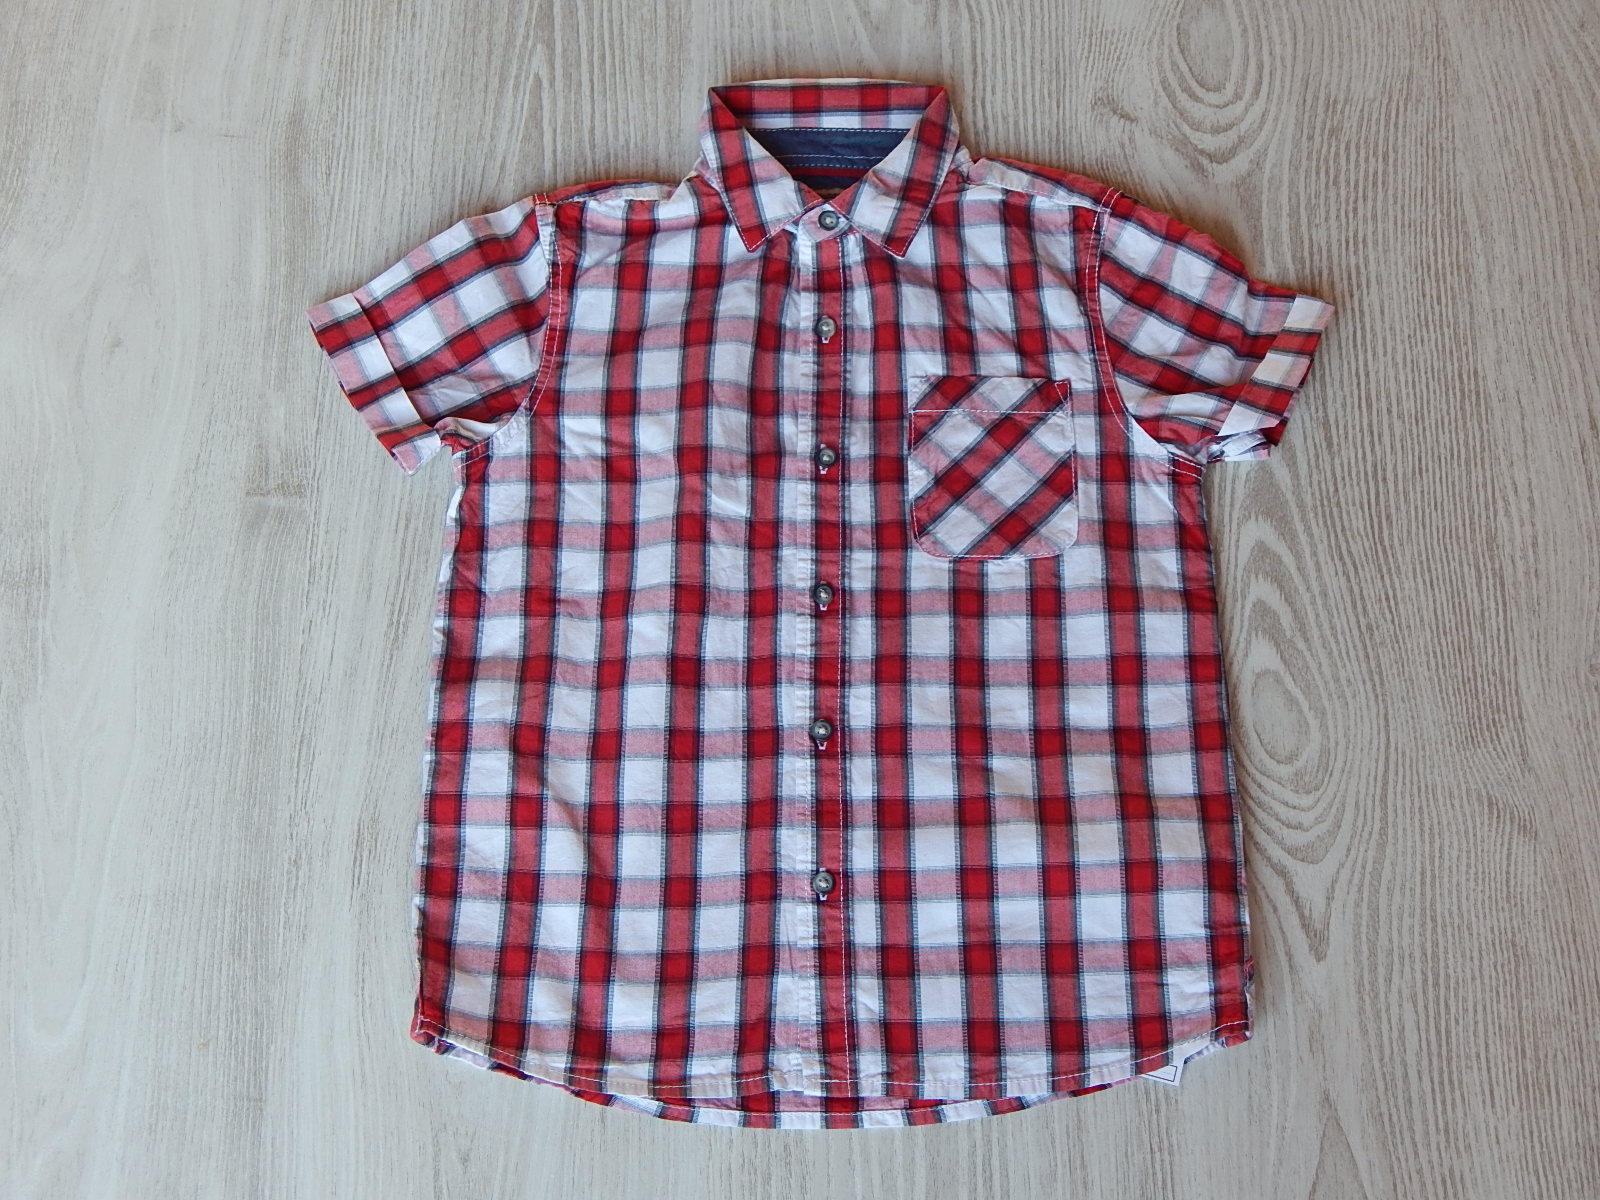 2a8b4bd108 Next piros kockás ing [122 (7 év) / Fiú ruhák] :: Lótusz Gyerekruha ...